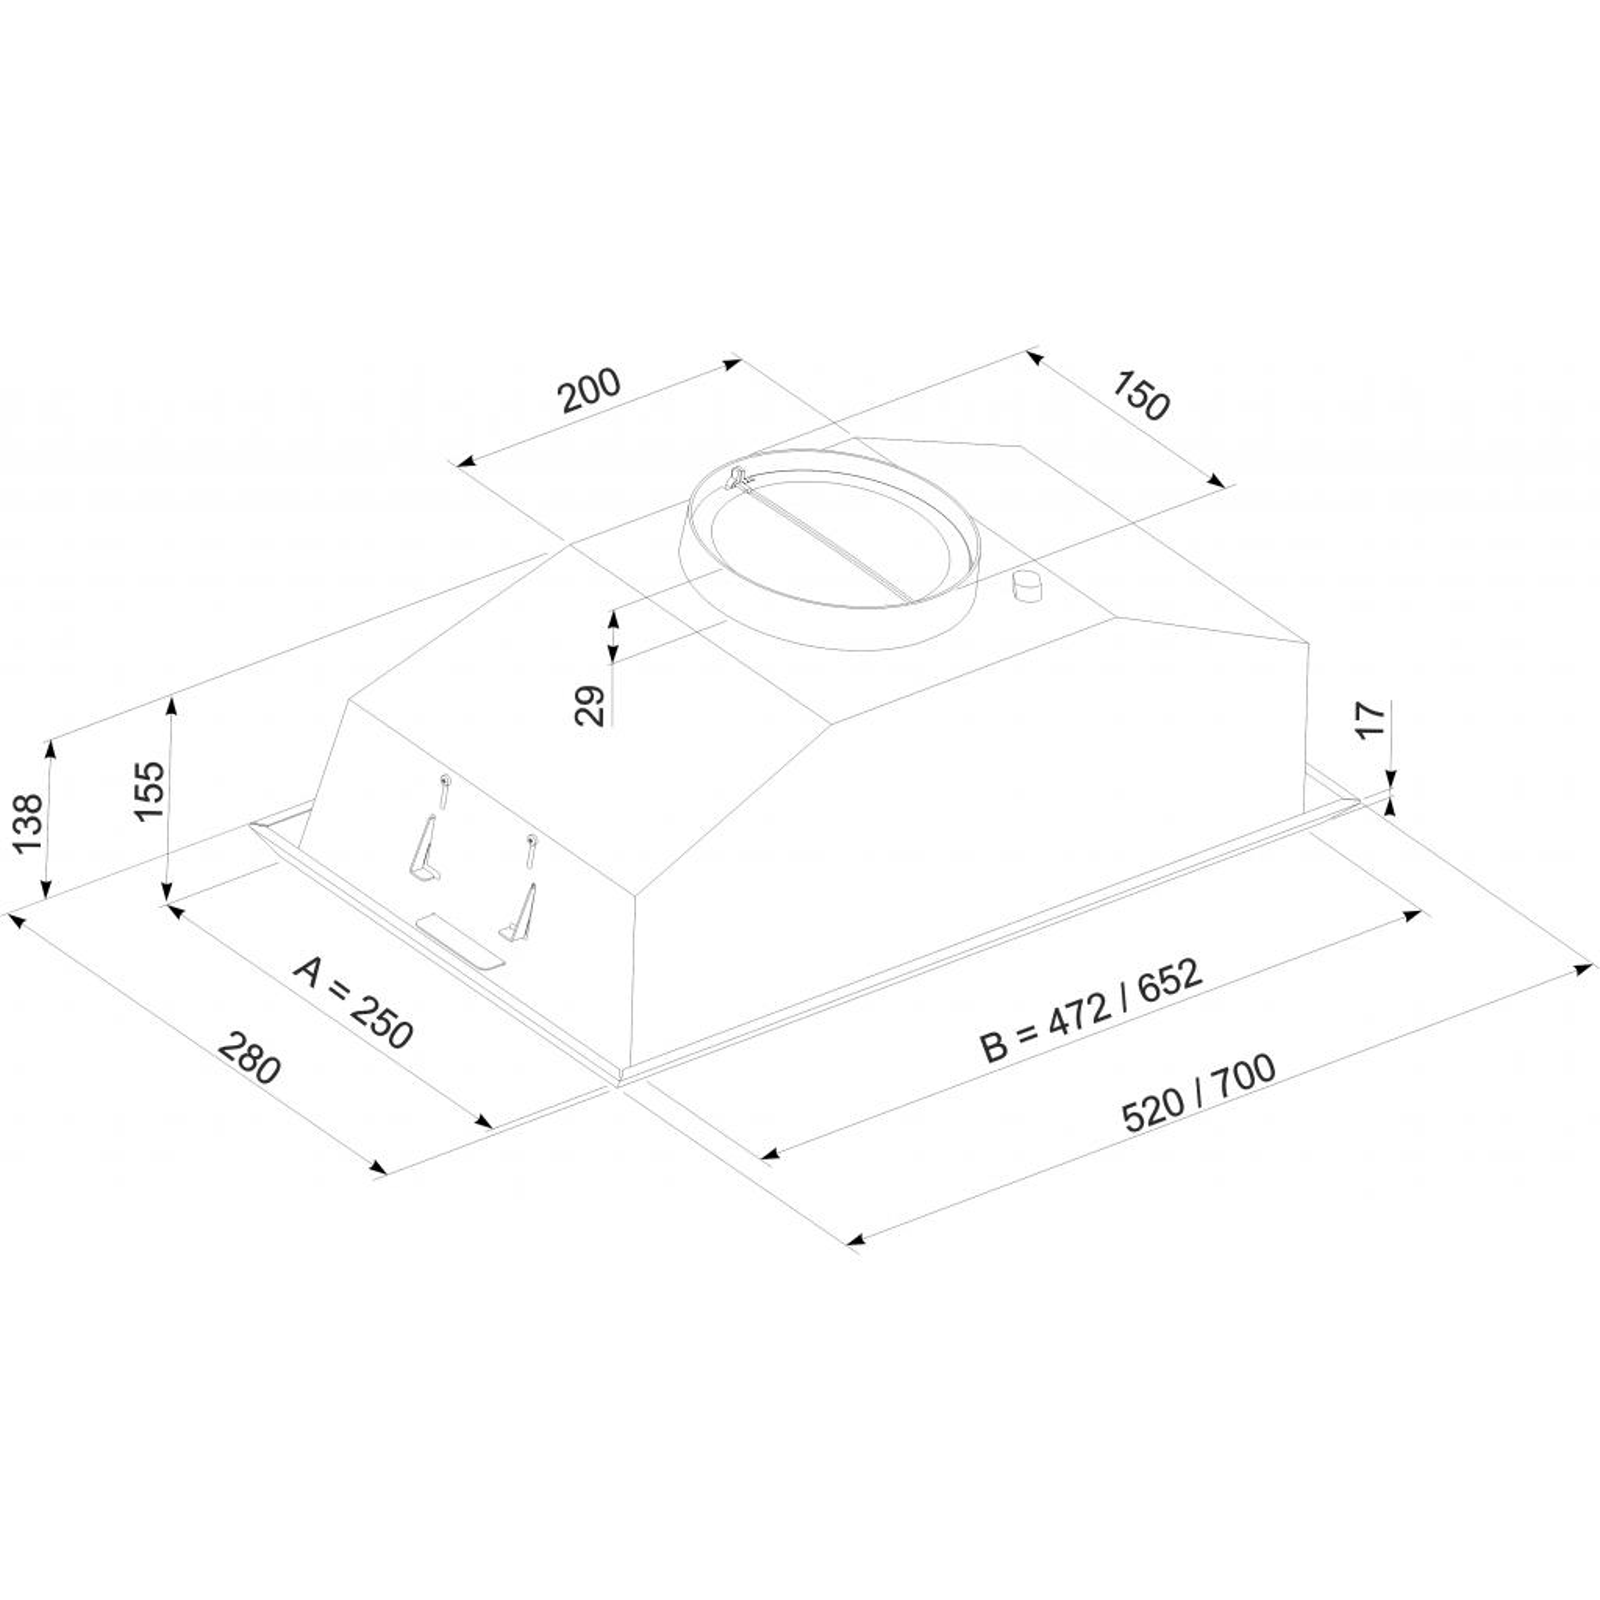 Вытяжка кухонная Eleyus Modul 700 52 IS изображение 8